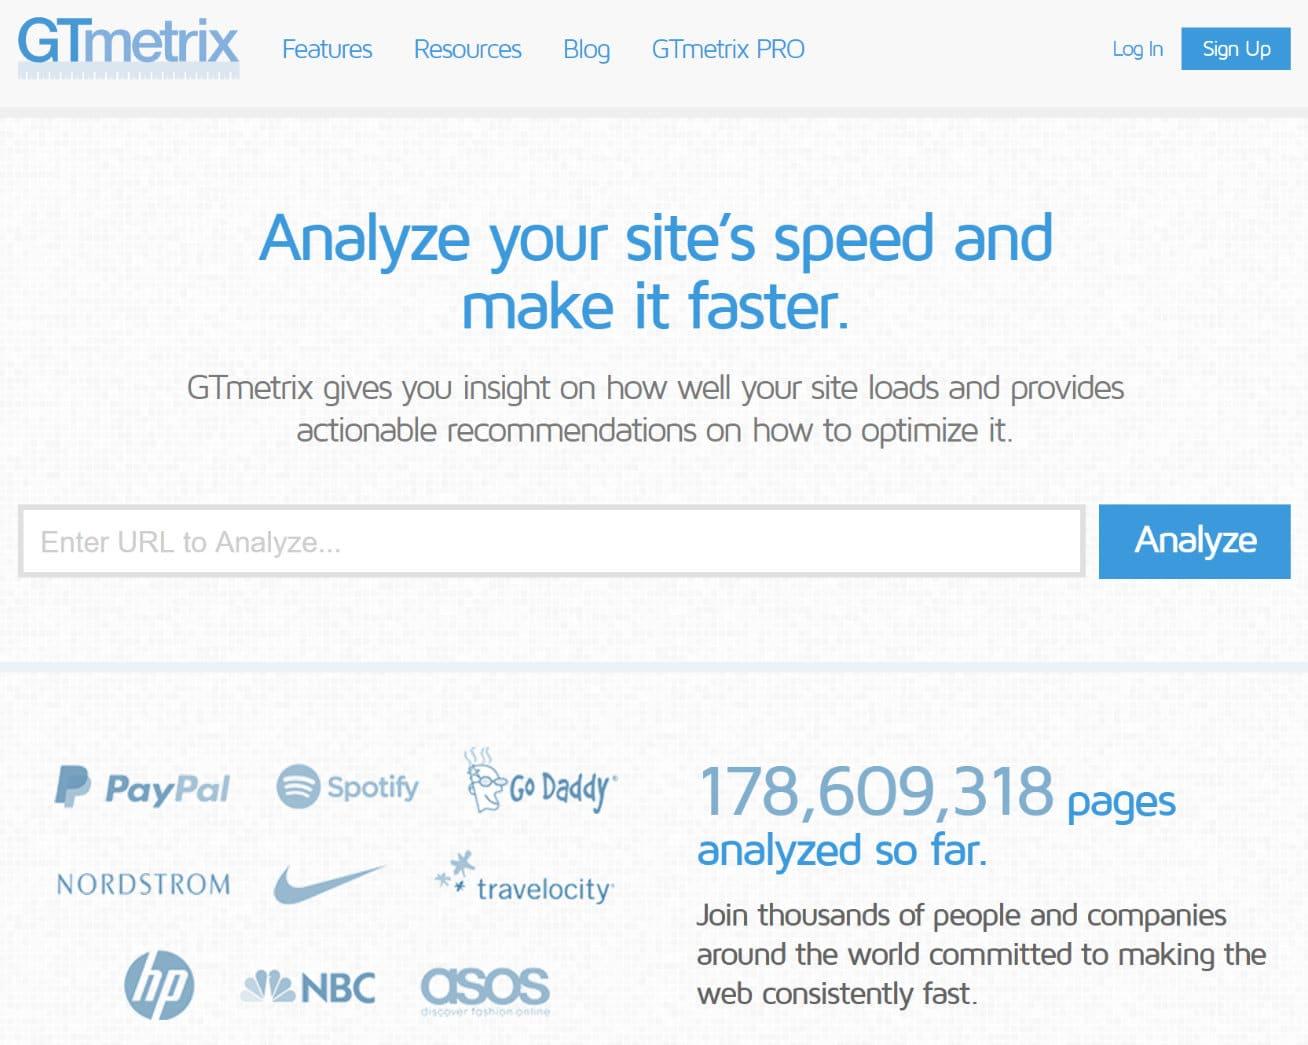 Ferramenta de teste de velocidade de websites GTmetrix